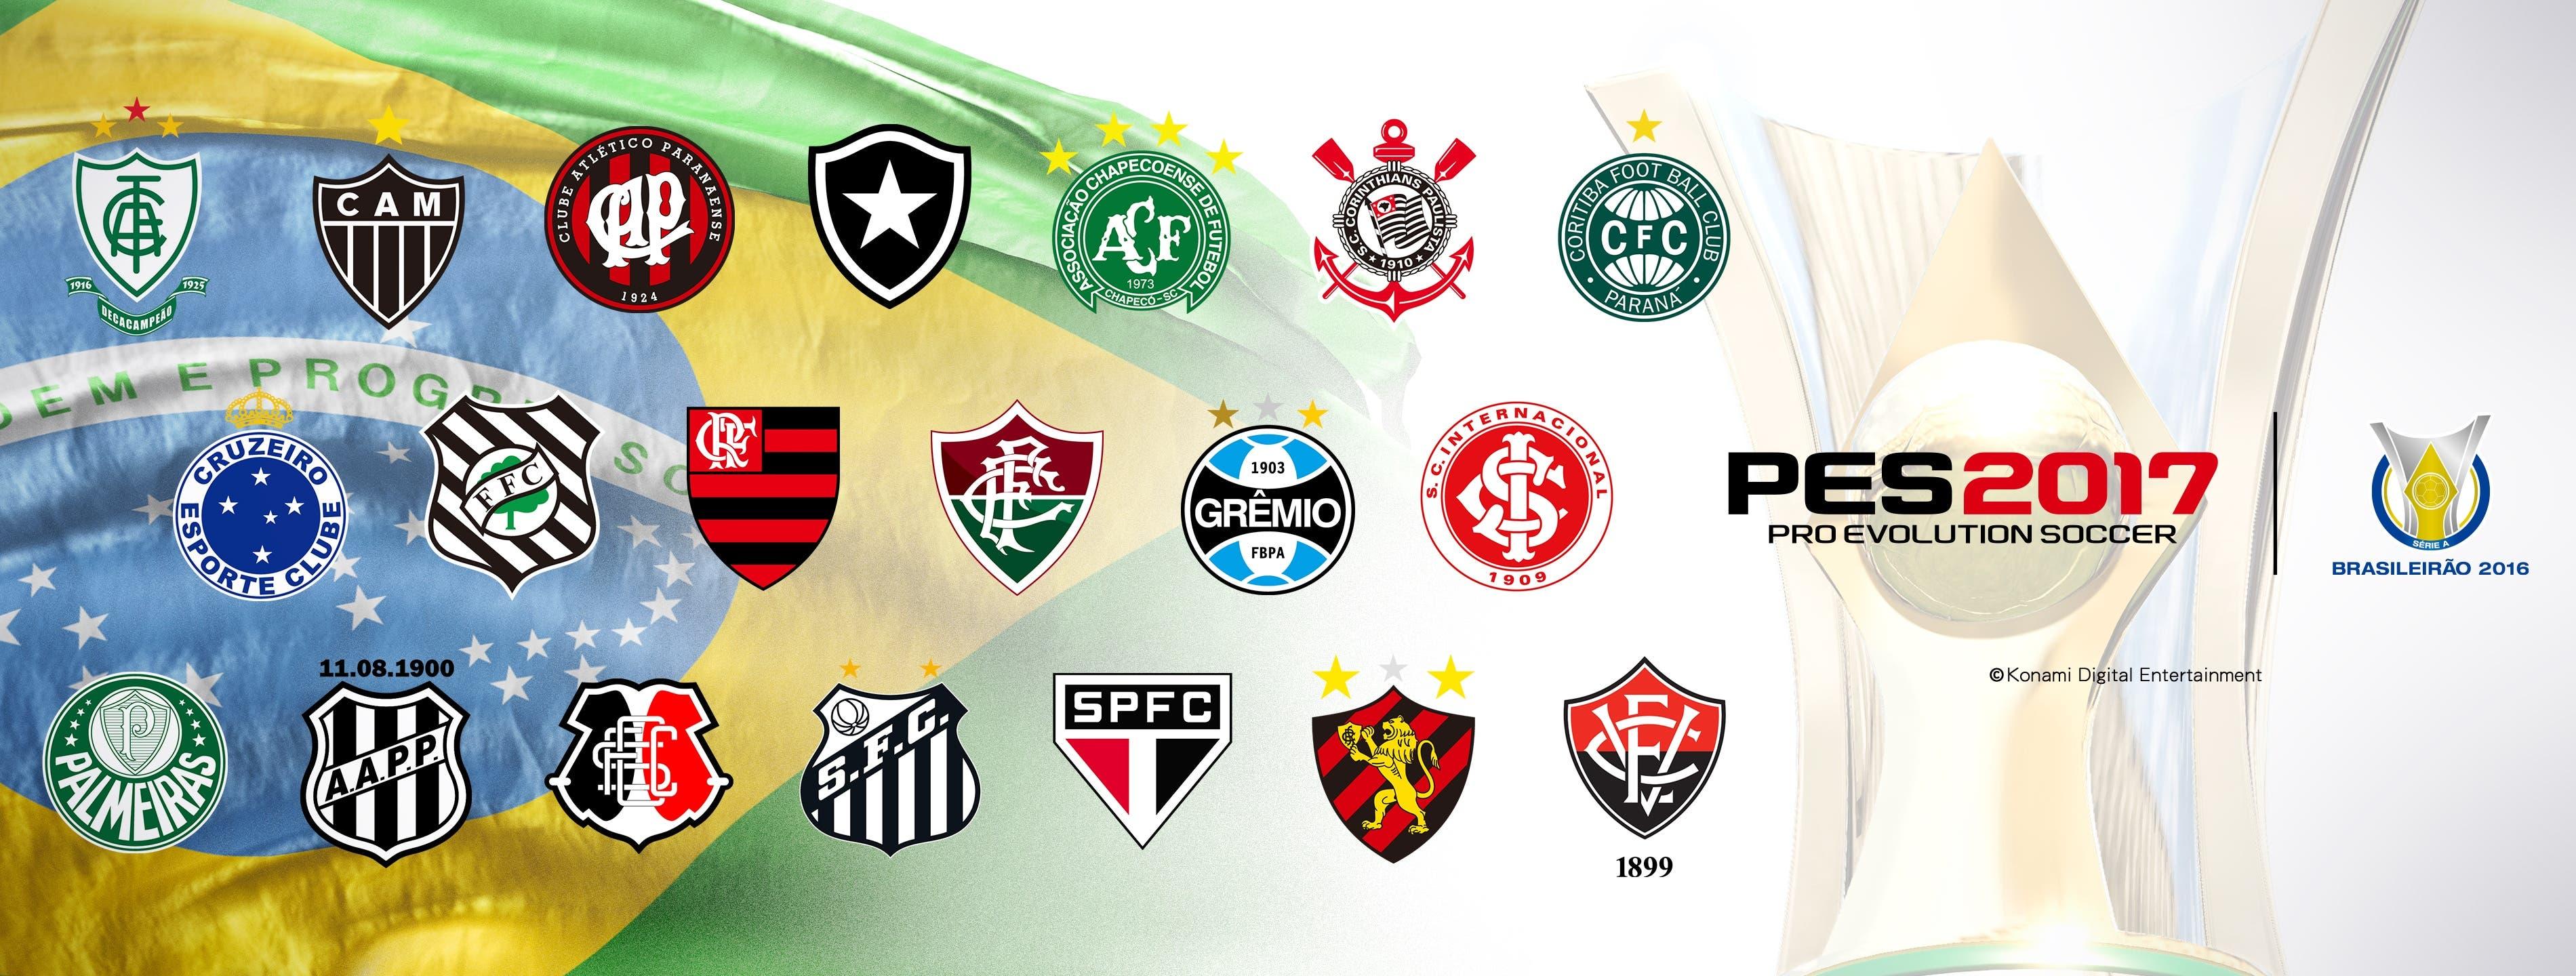 pes2017-campeonato-brasileiro-serie-a-emblems_79w2